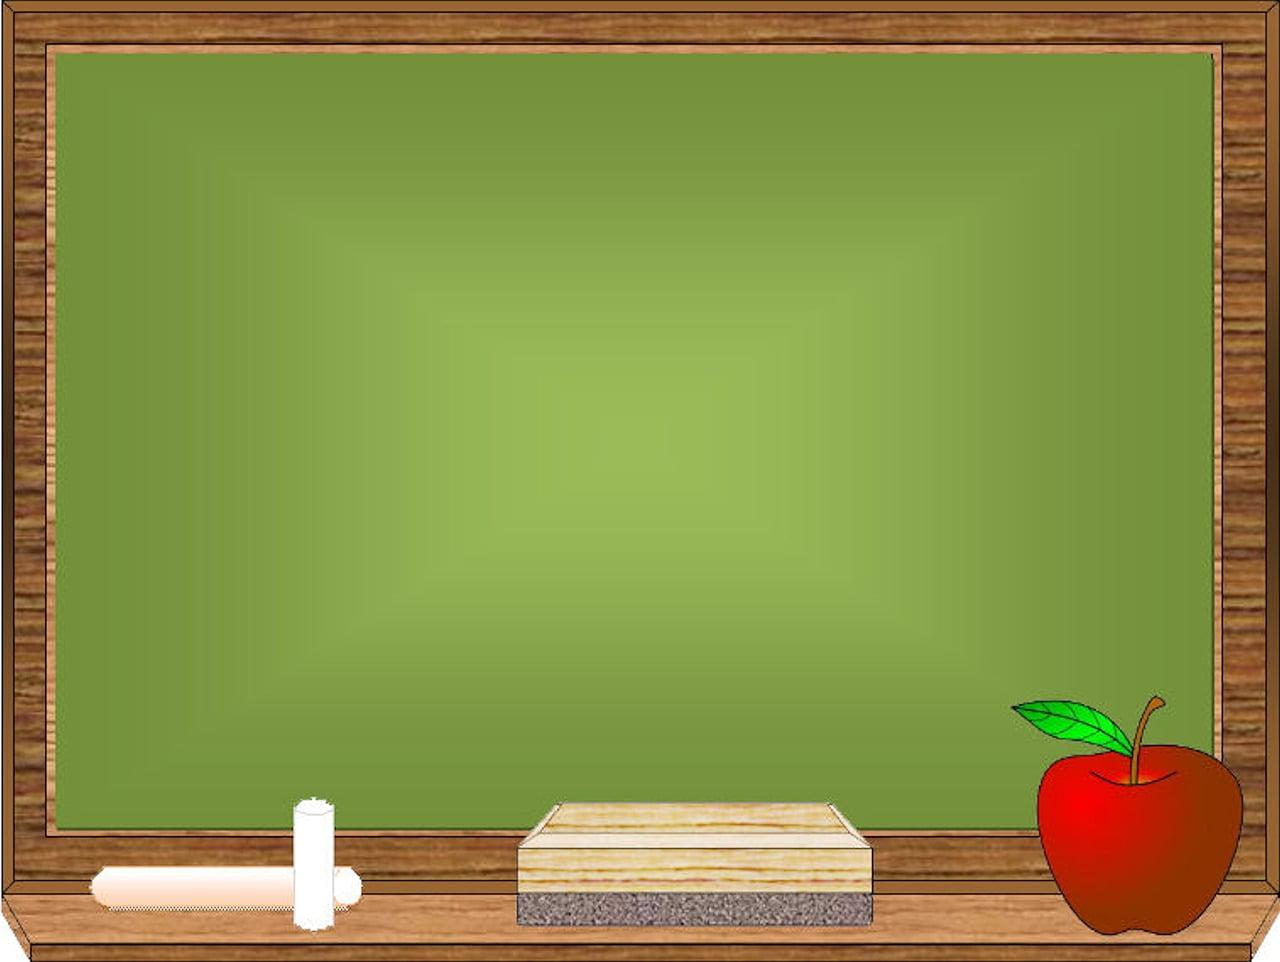 Zielona tablica w szkole, kreda, gąbka i jabłko